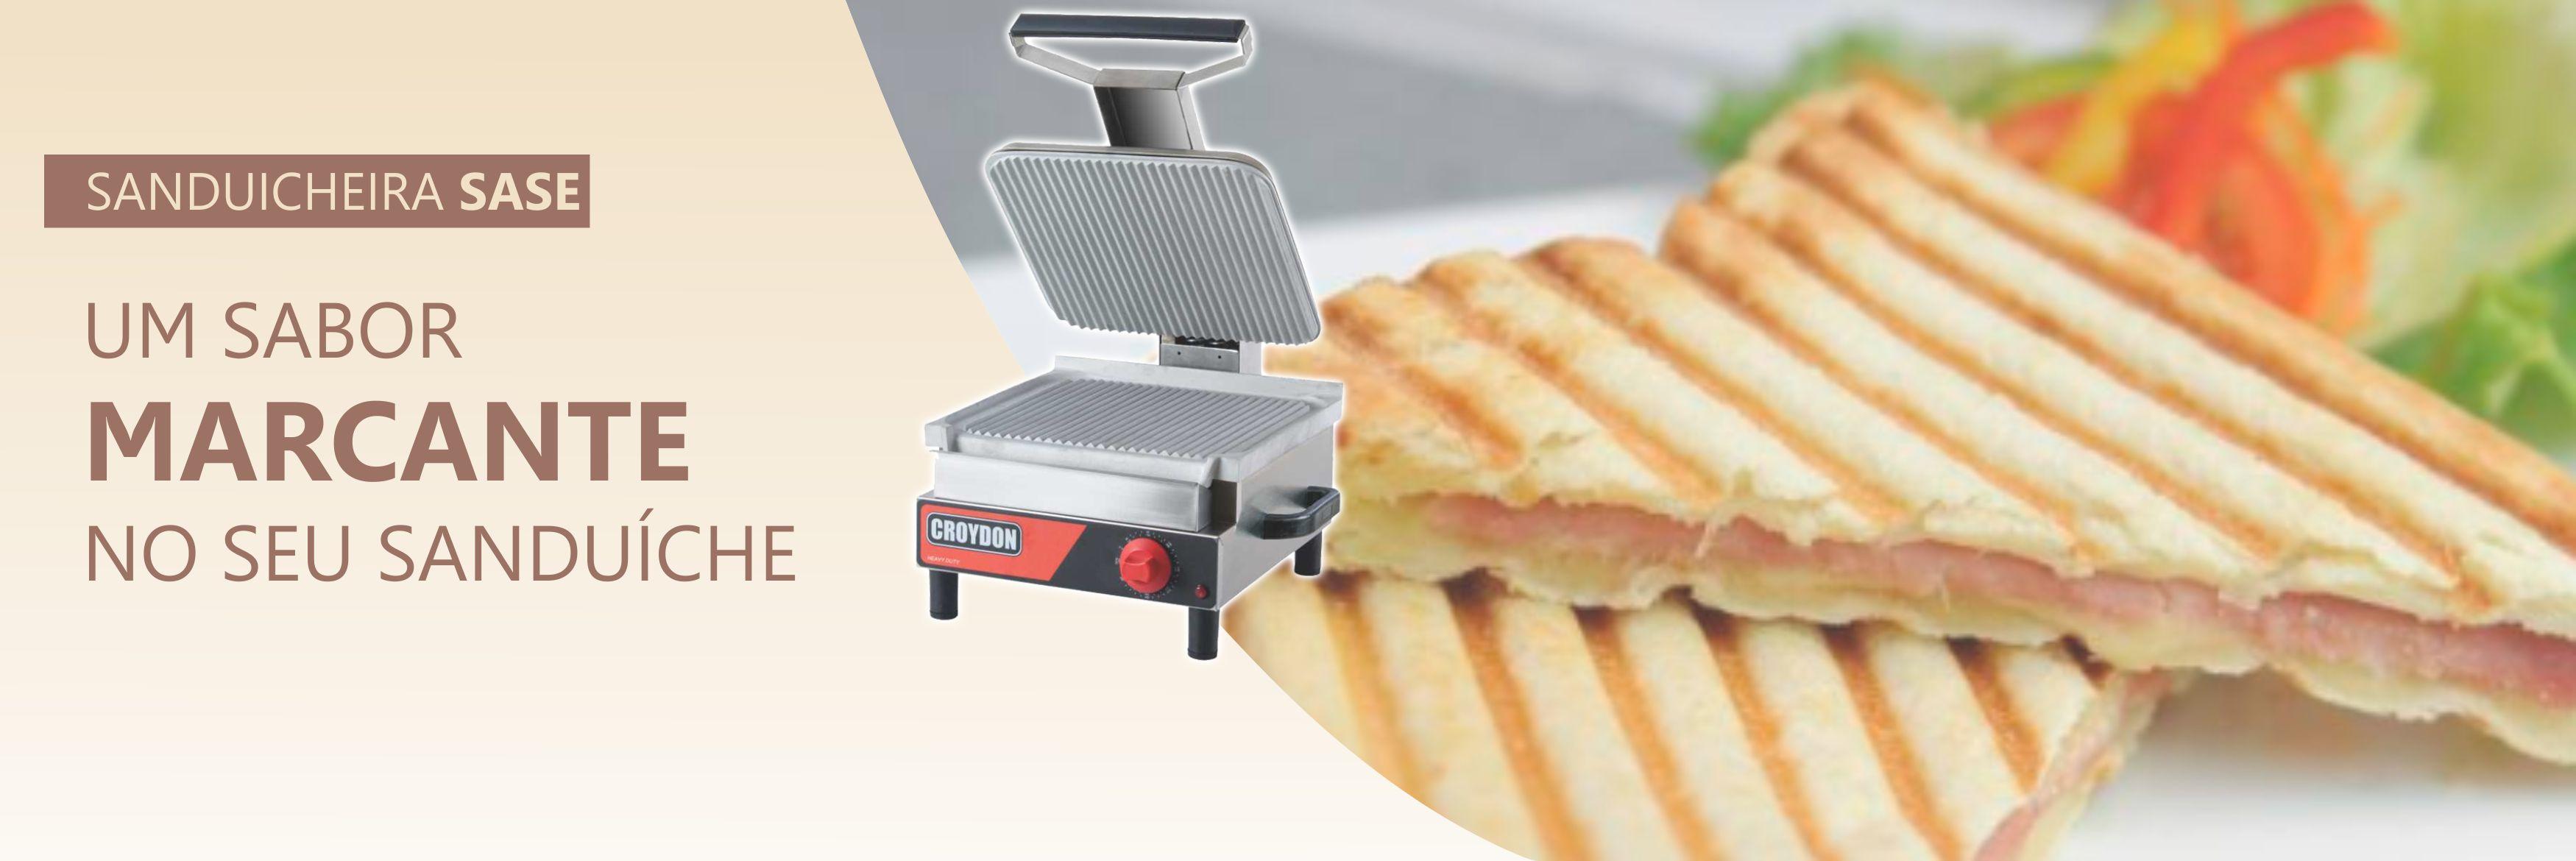 <p>As chapas estriadas dão um toque final no alimento.</p> <p>Prensas com limitador de fechamento ajustável evitam o esmagamento do sanduíche.</p>